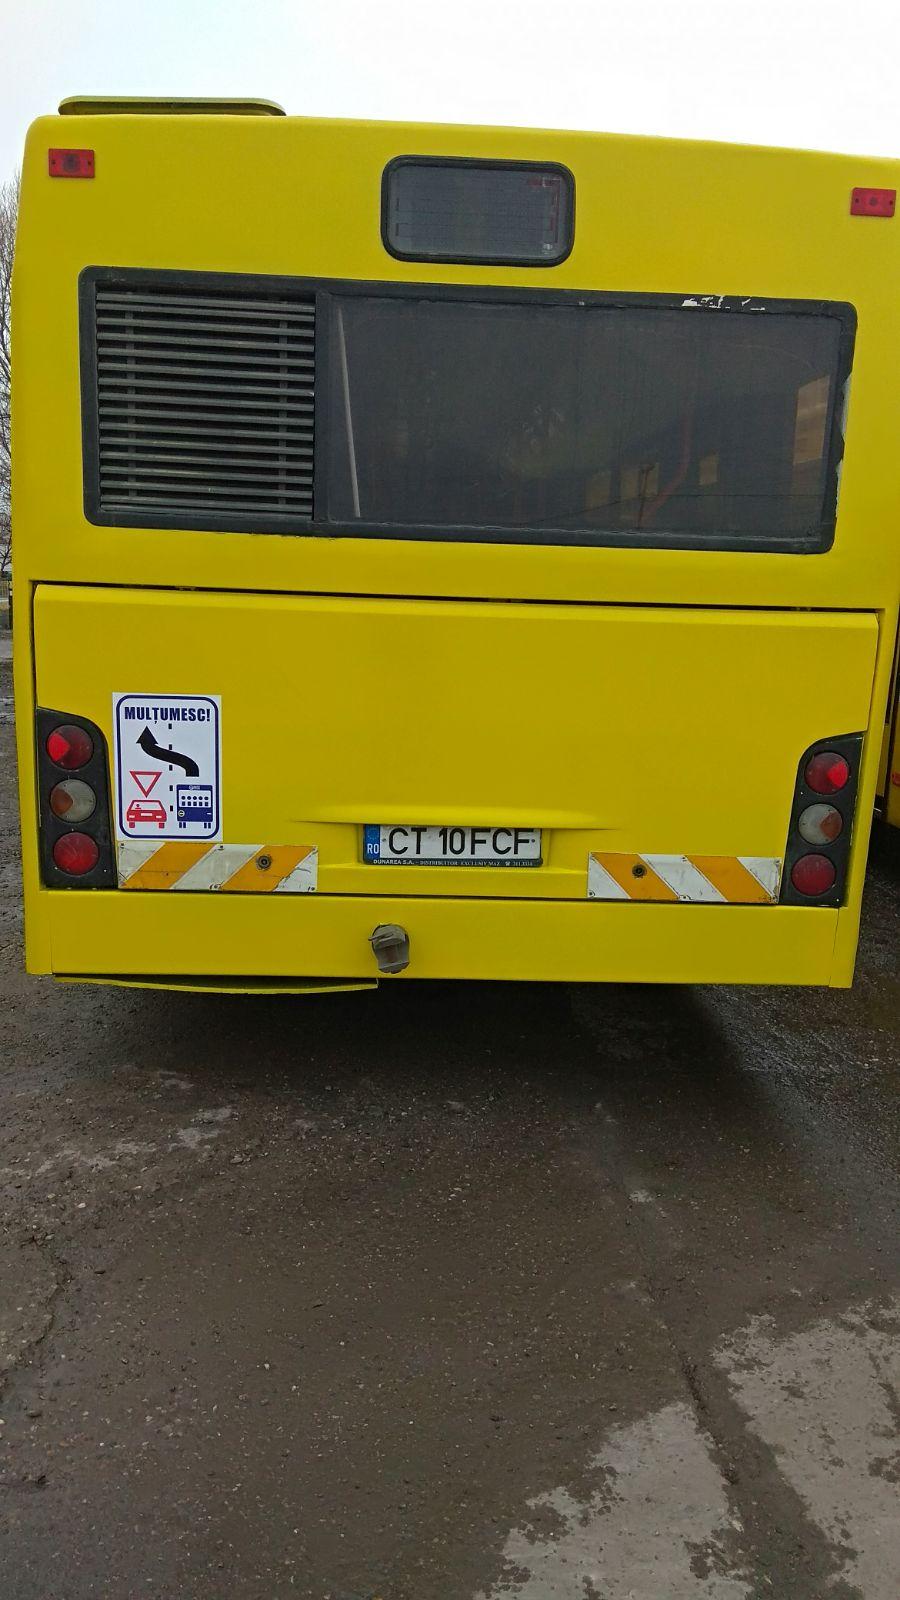 prioritate pentru autobuze